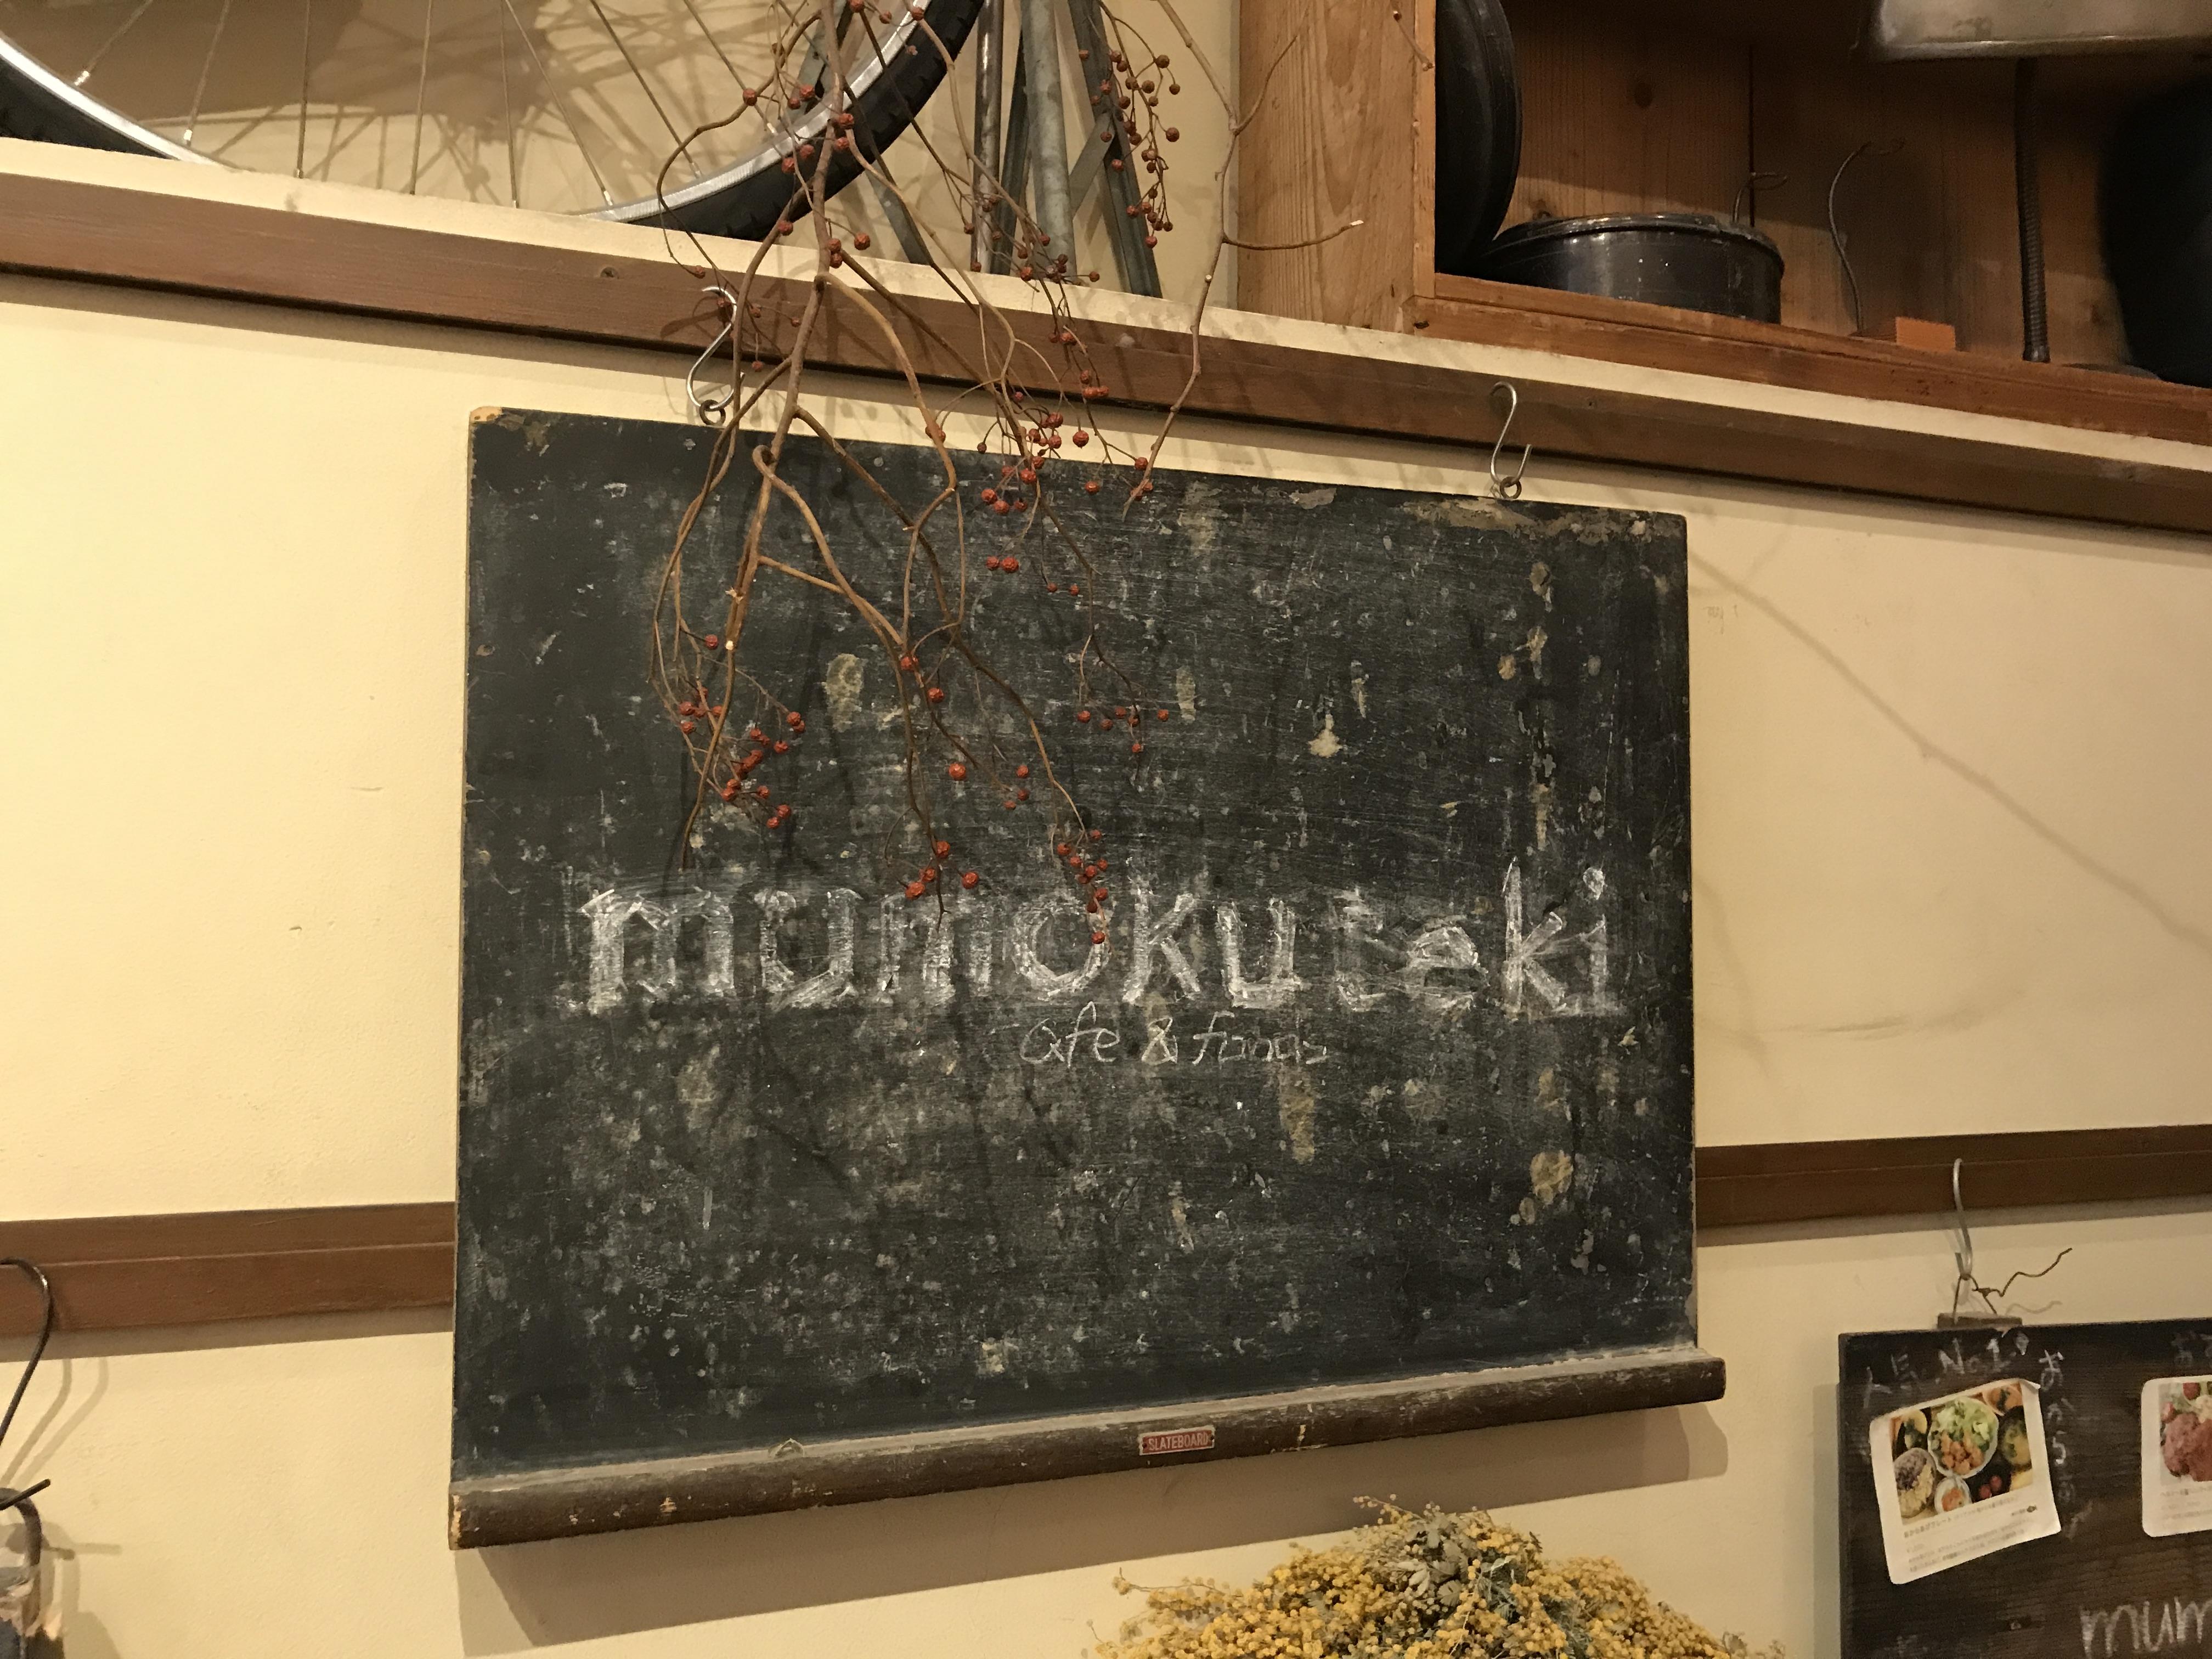 mumokuteki cafe & foods Kyoto -vegetarian friendly cafe- image04